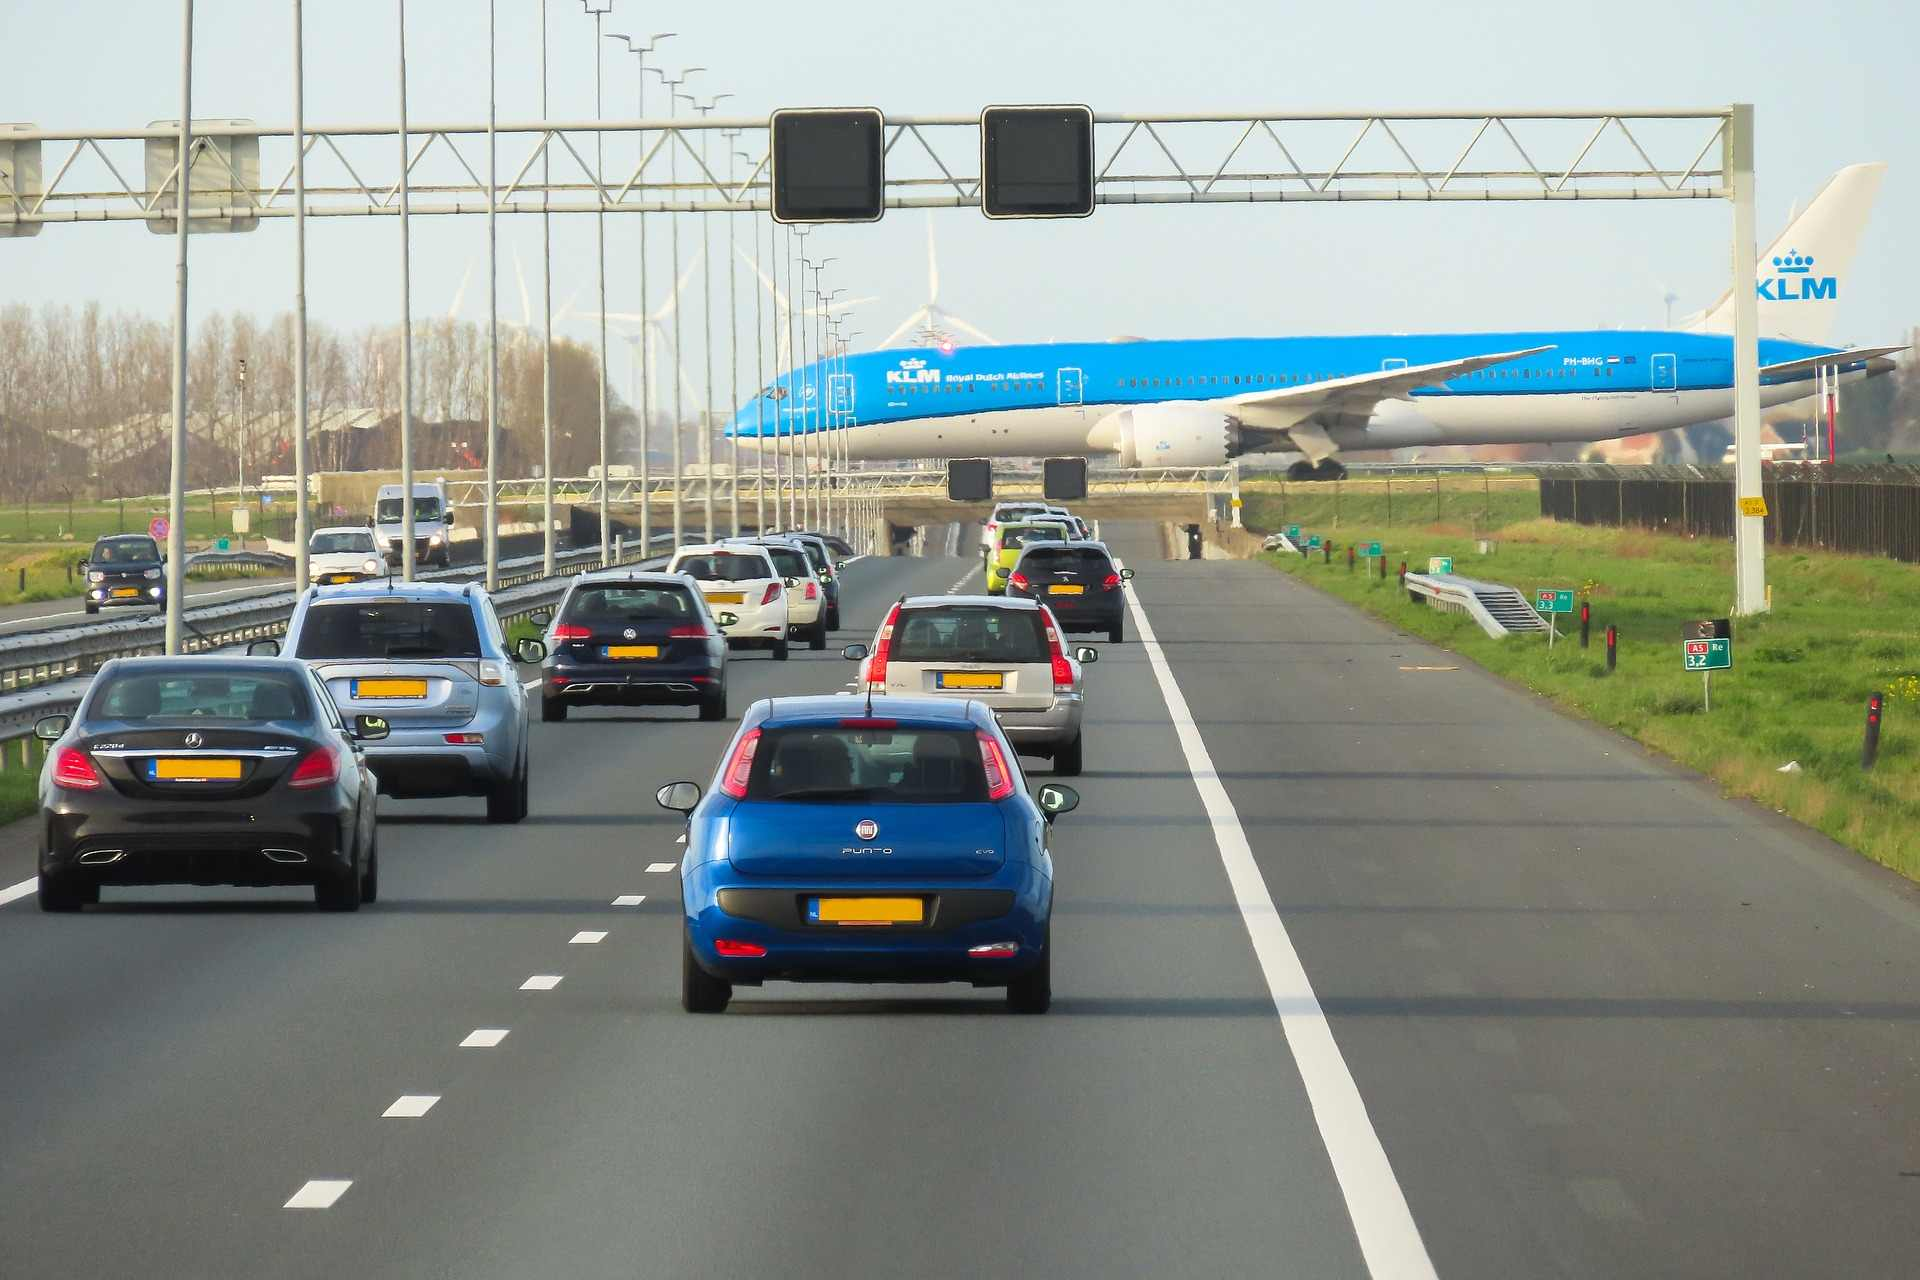 Flughafen Amsterdam Passagierflugzeug kreuzt Straße